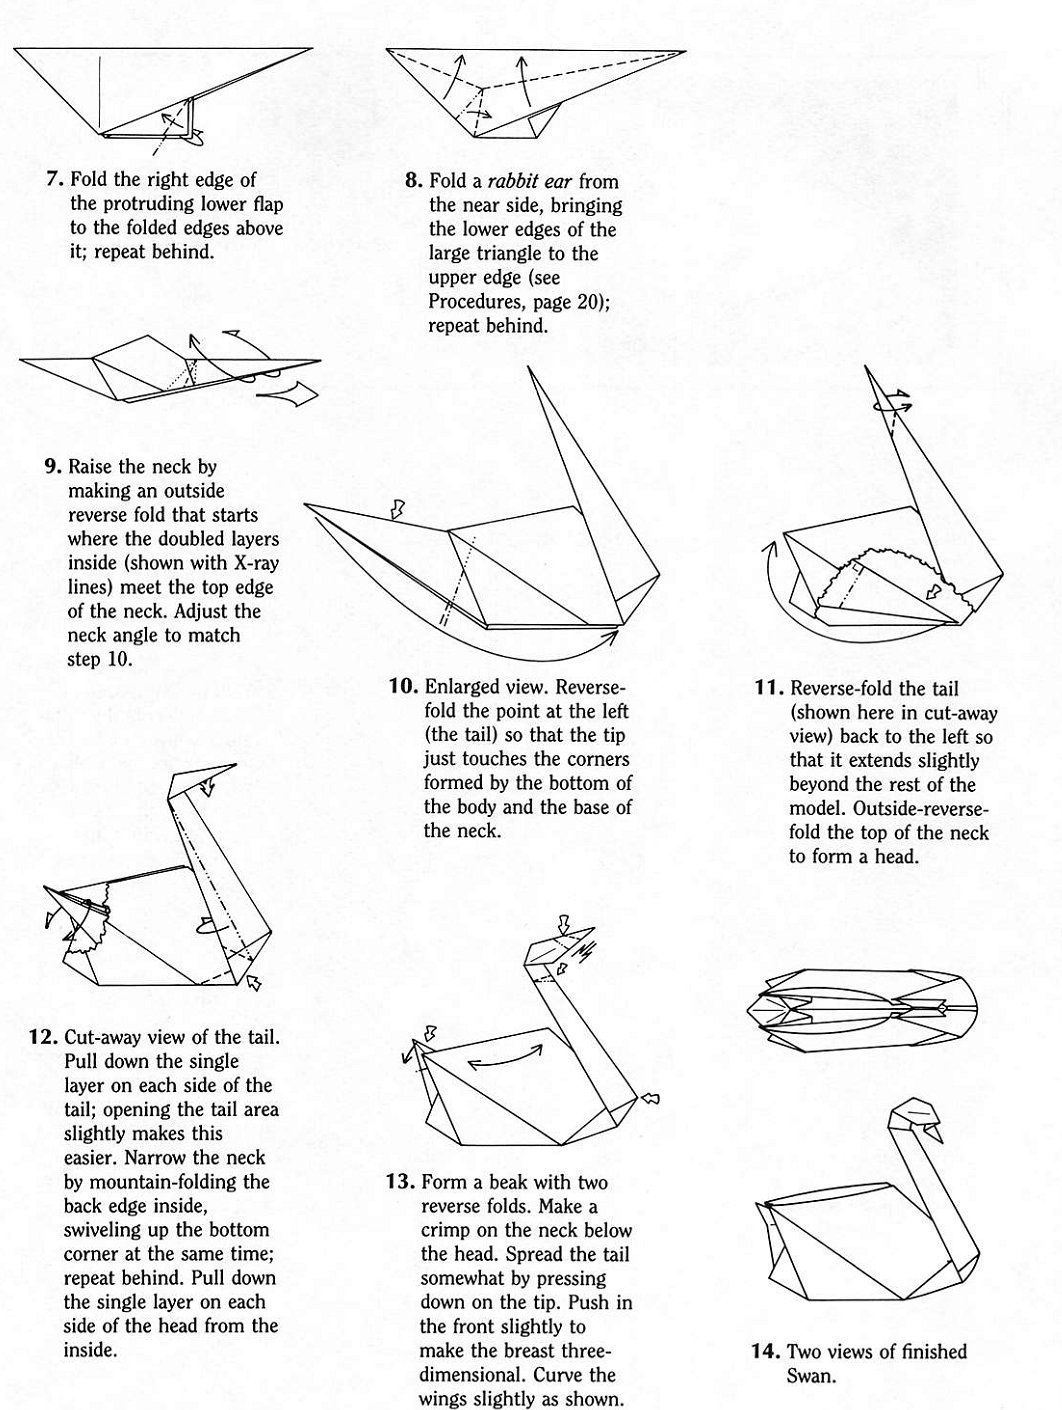 swan robert j lang rh origami art us origami crane diagram pdf origami swan hoang tien quyet diagram